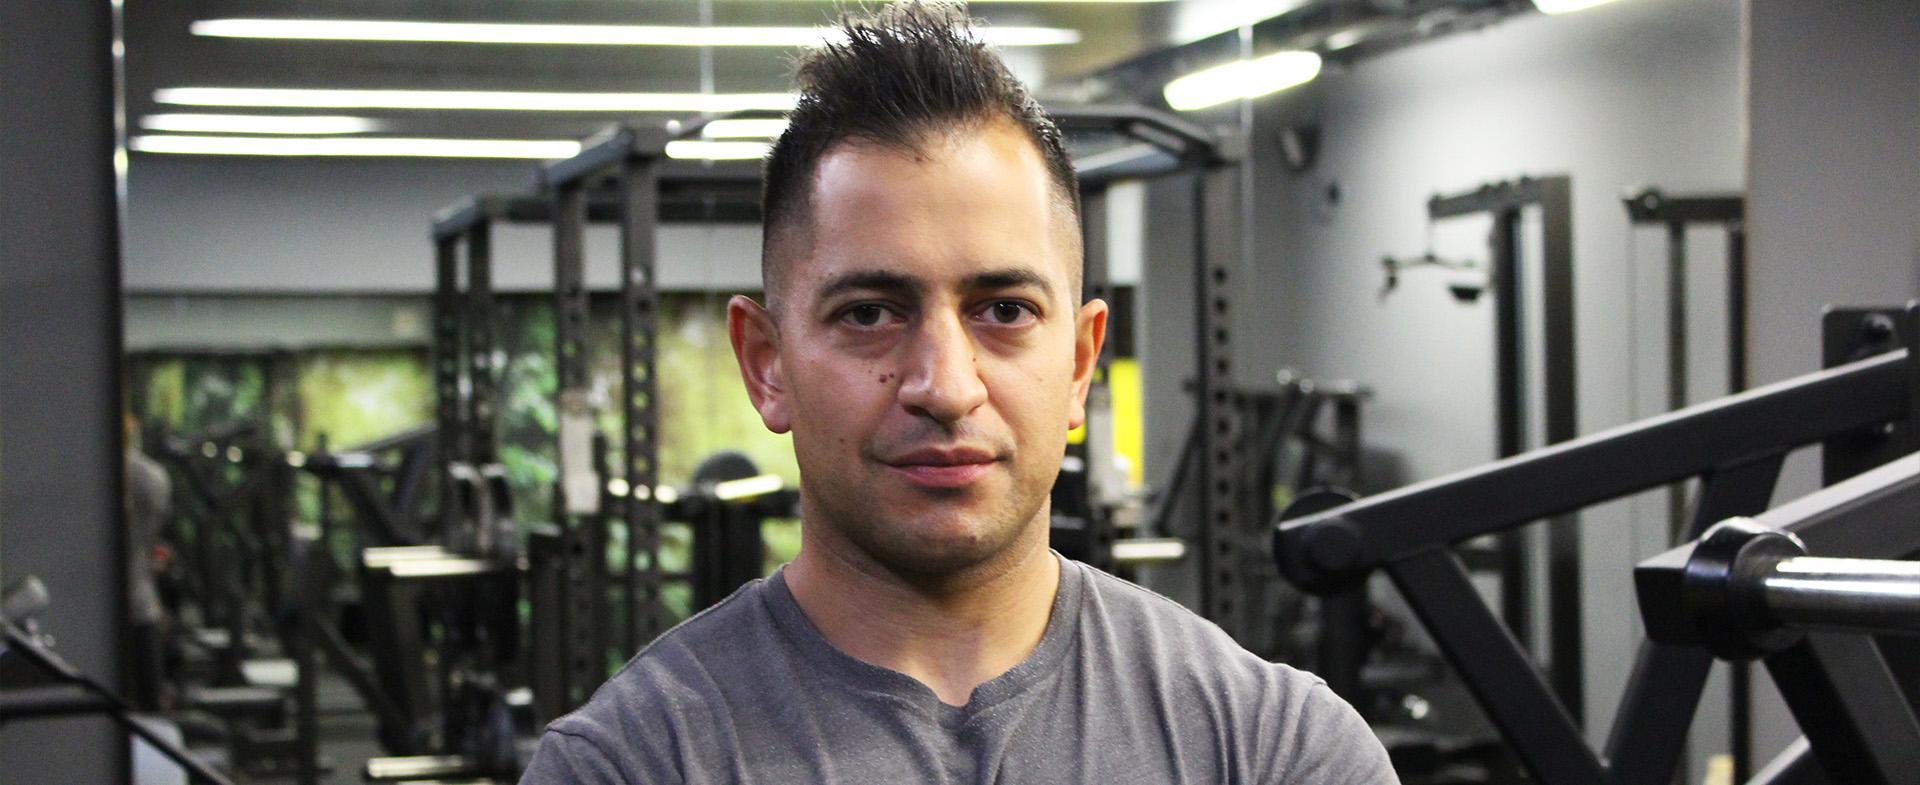 Sean Faroqui Personal Trainer The Cut Gym London